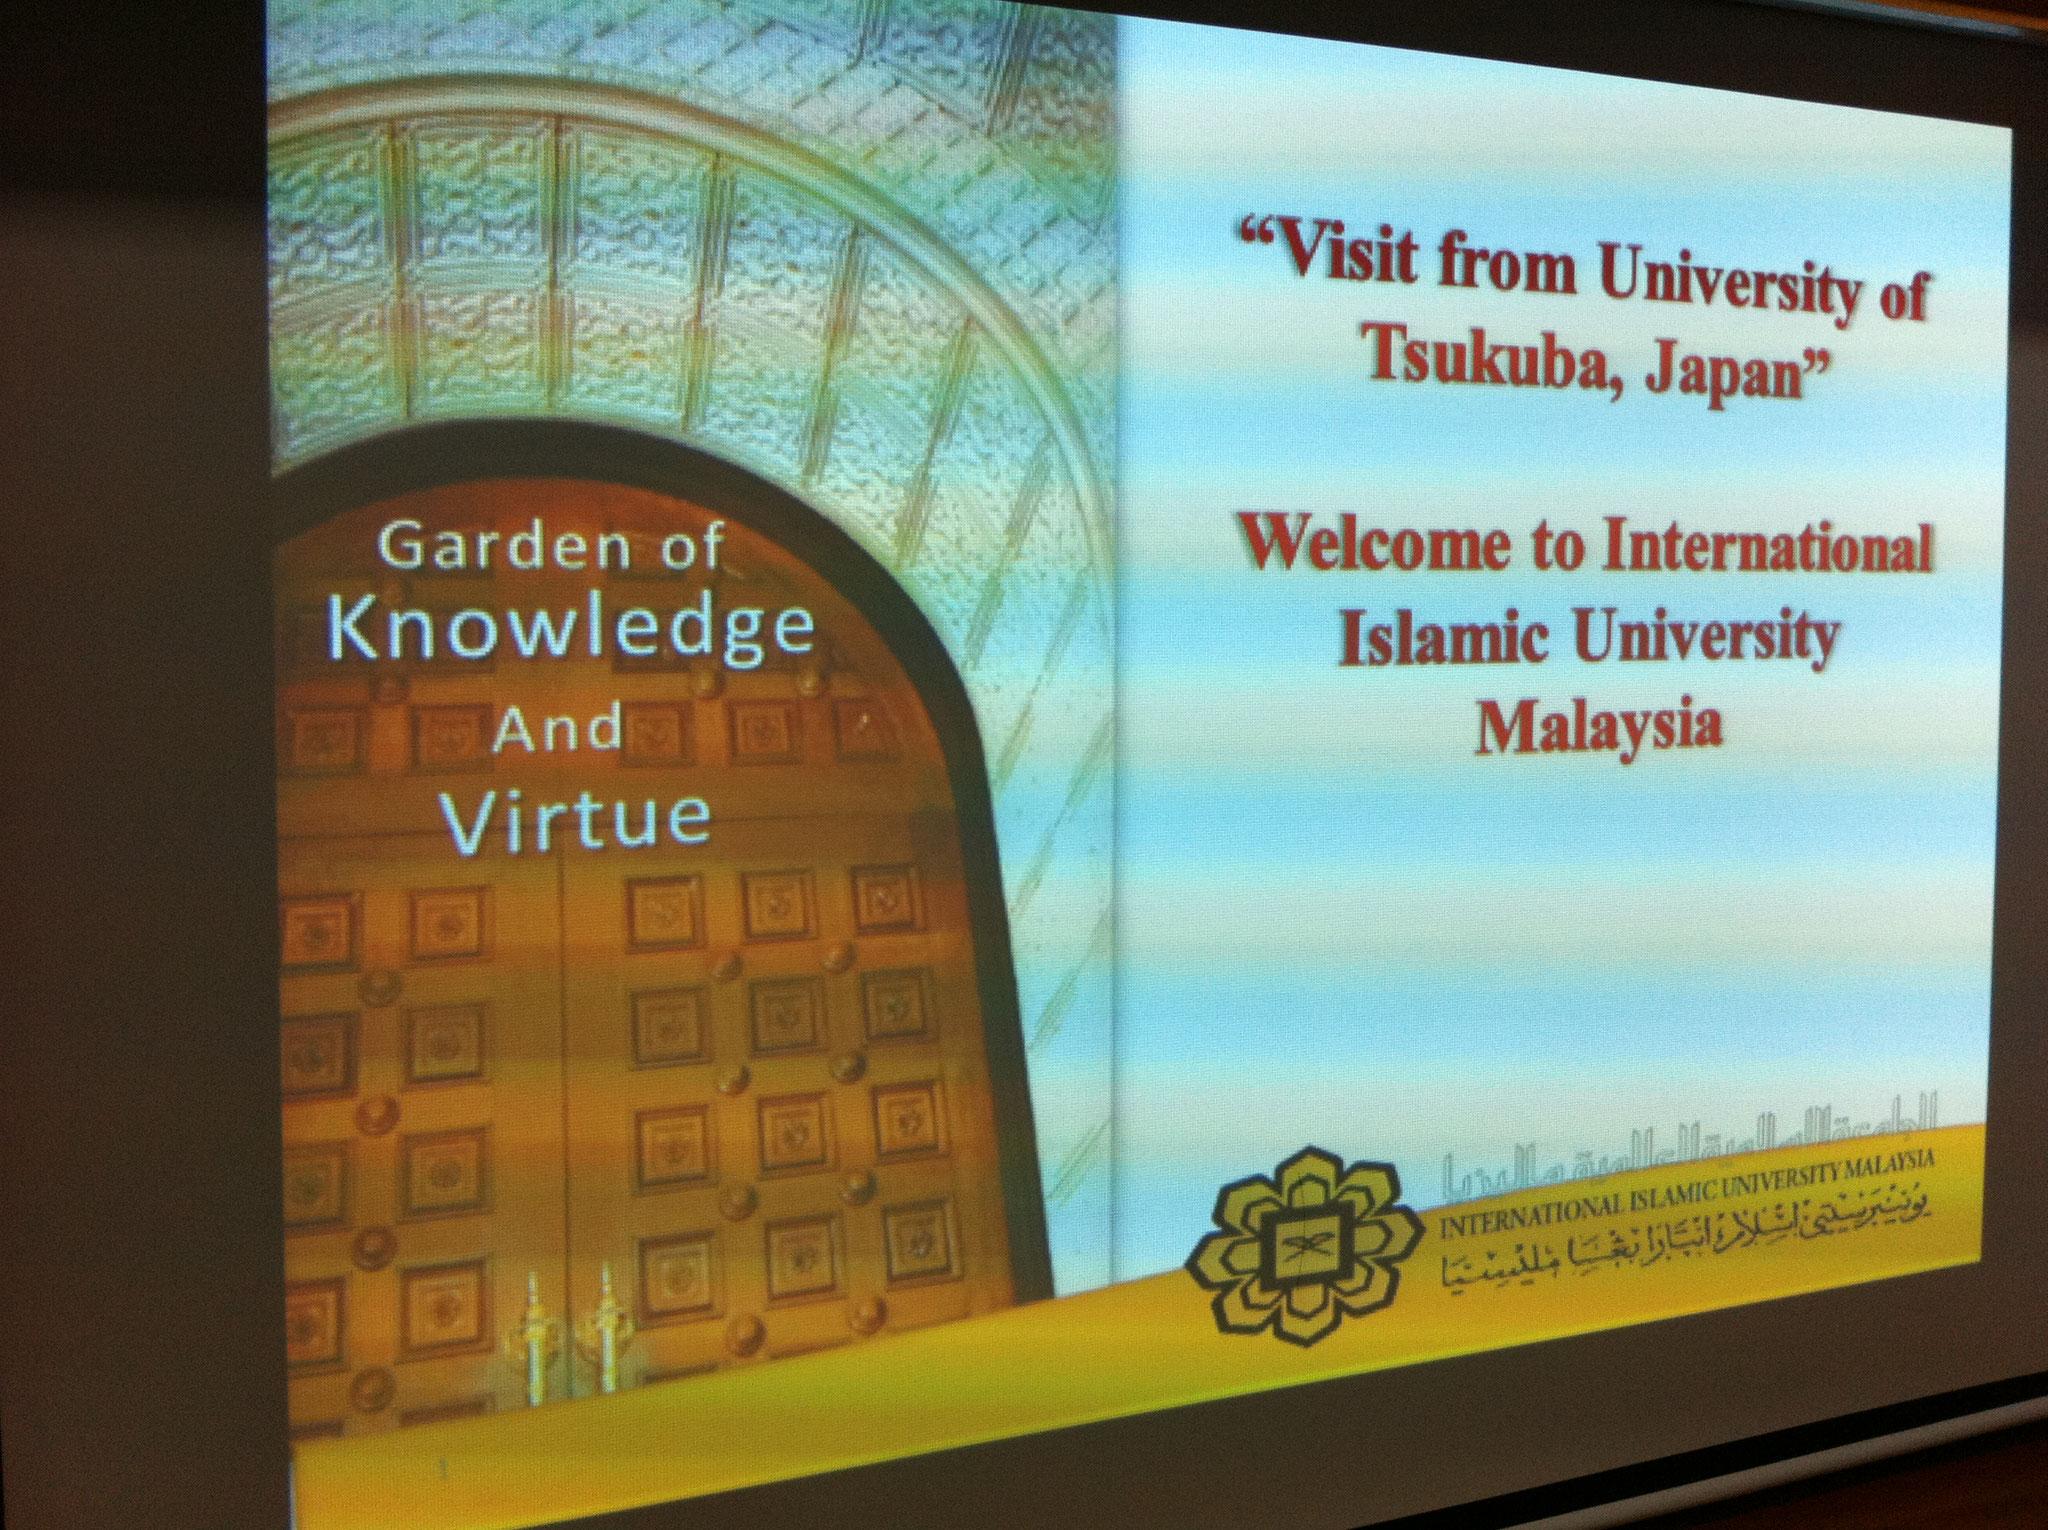 マレーシアイスラミック国際大学